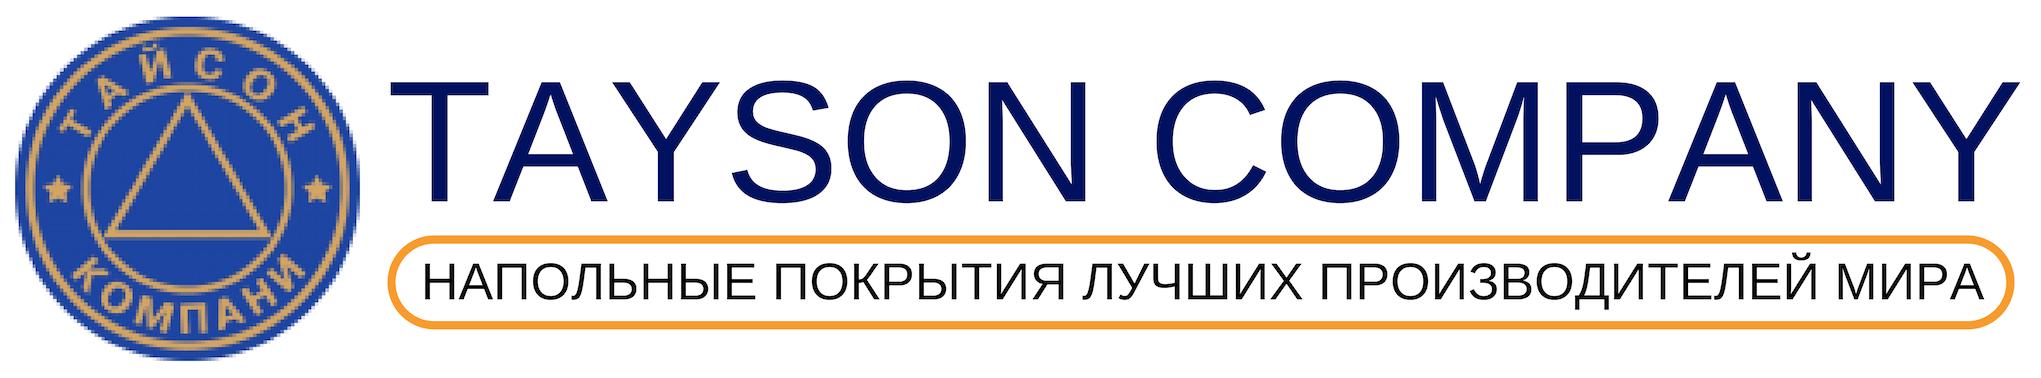 Напольные покрытия - Тайсон Компани ®